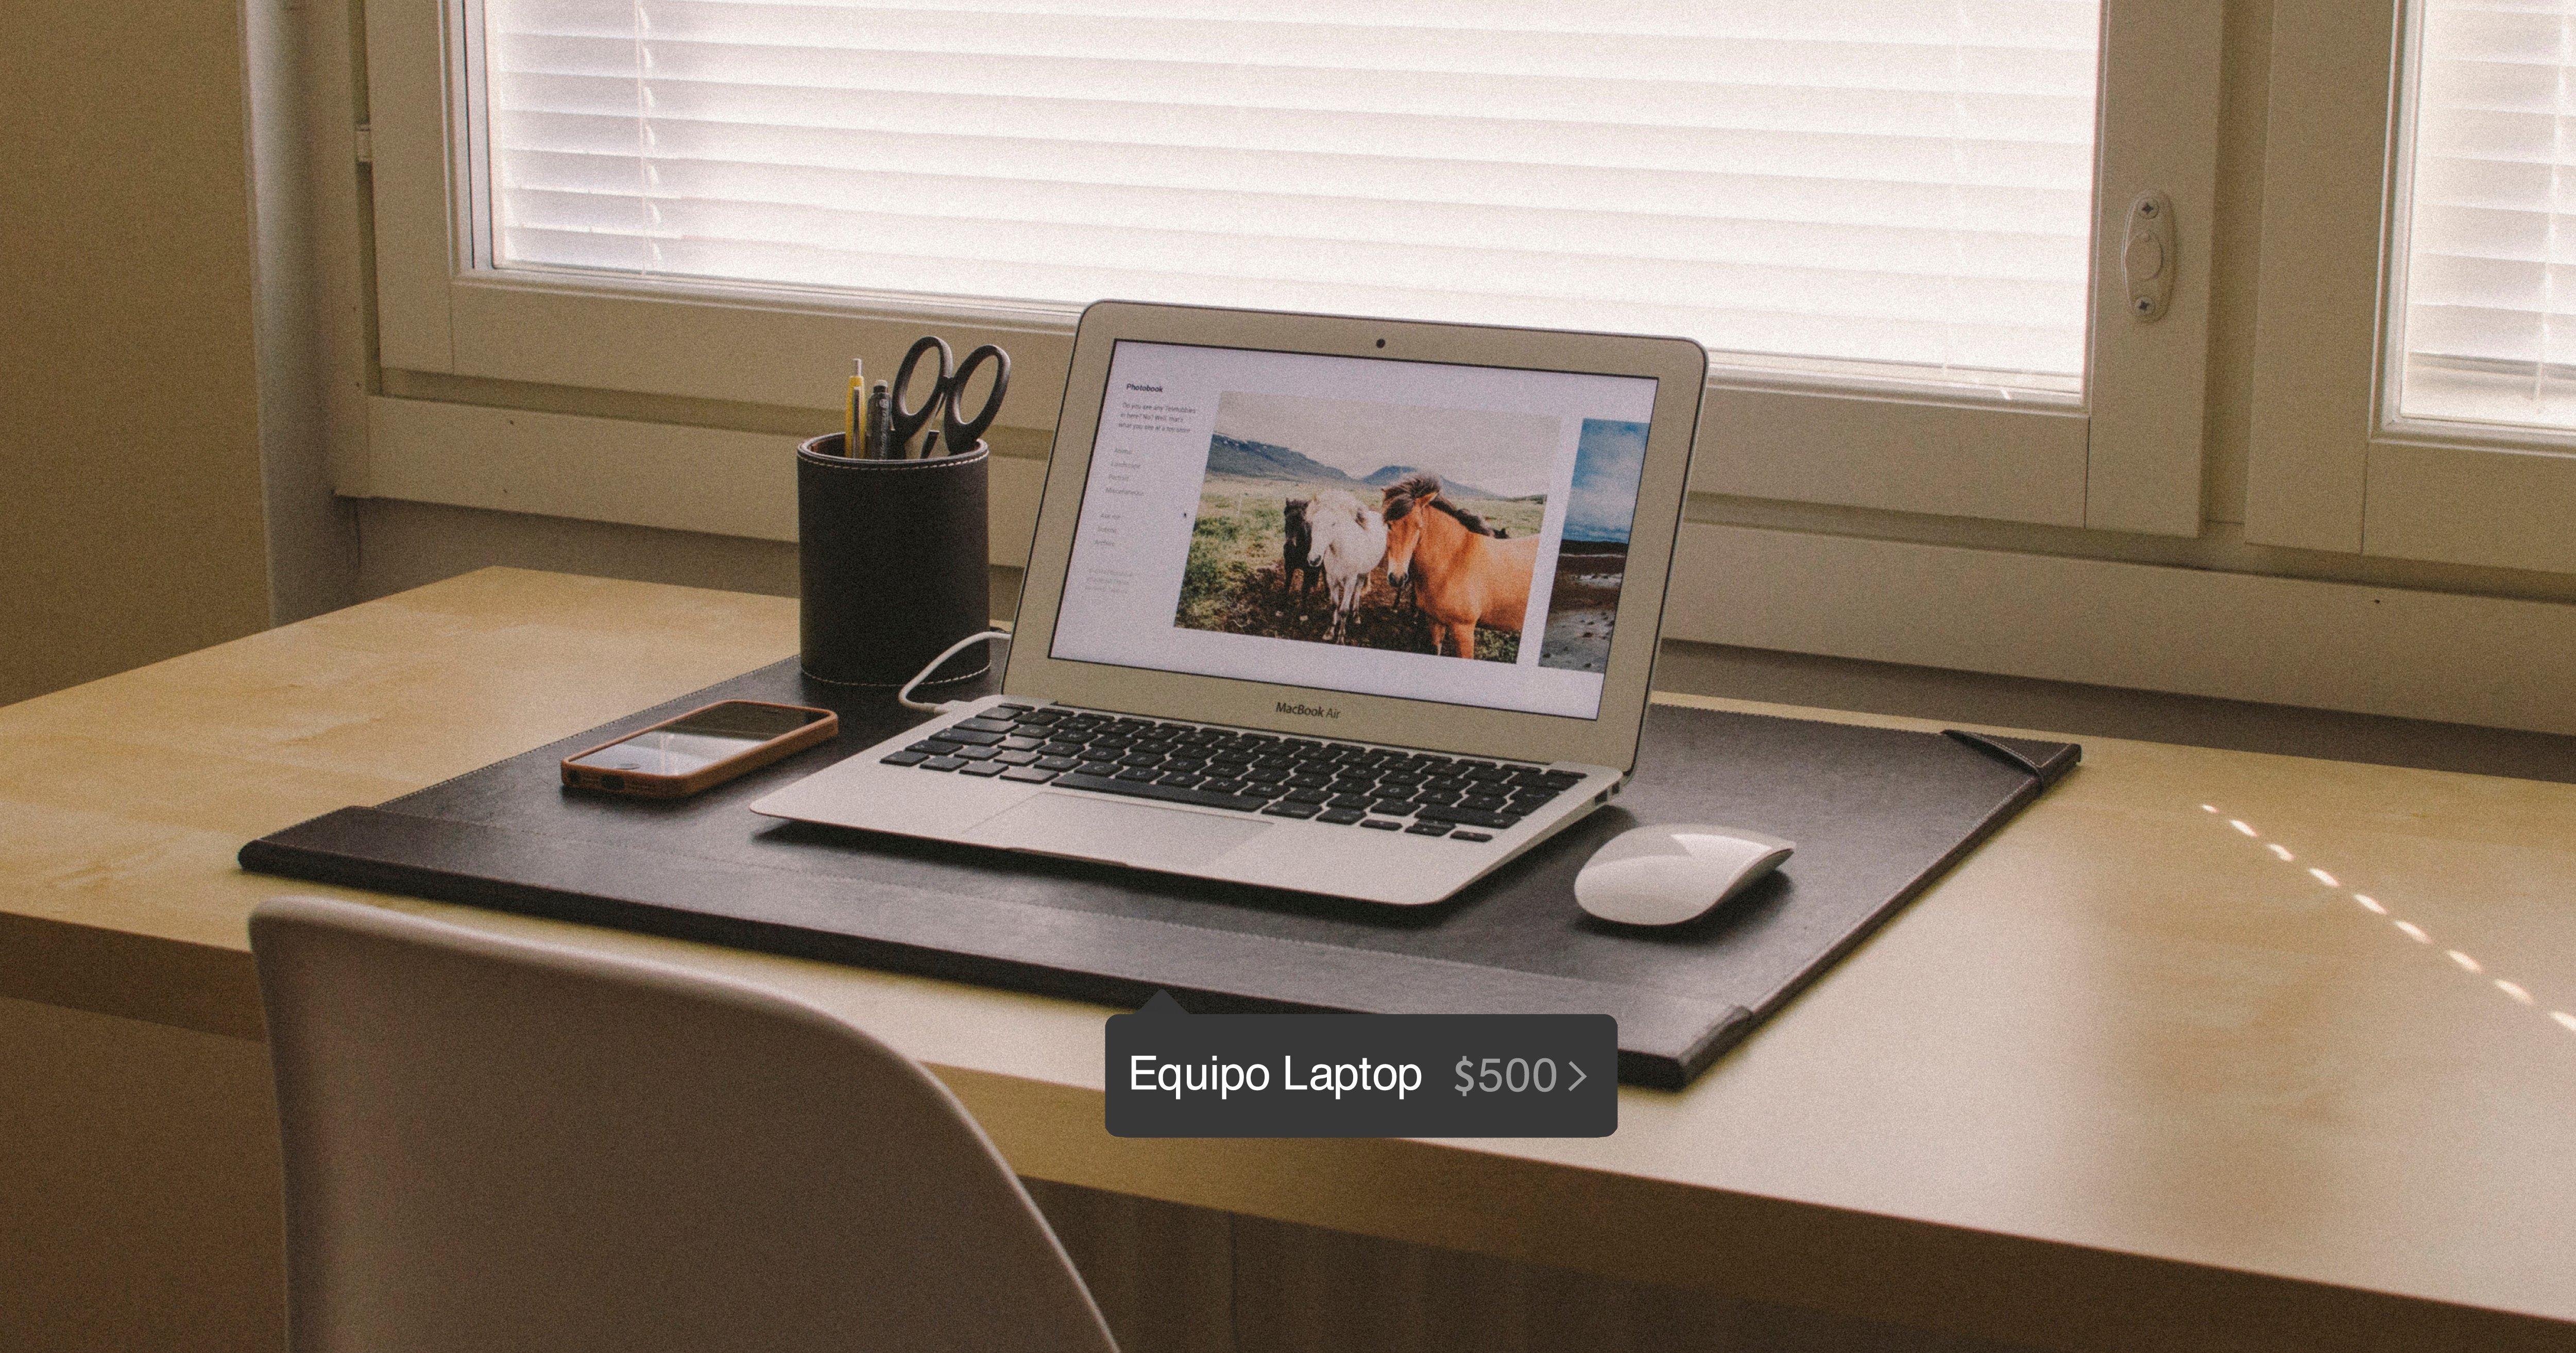 ¿Cómo vendo mis productos en Instagram y Facebook? - Facebook Sharing - Ecommerce desde Cero